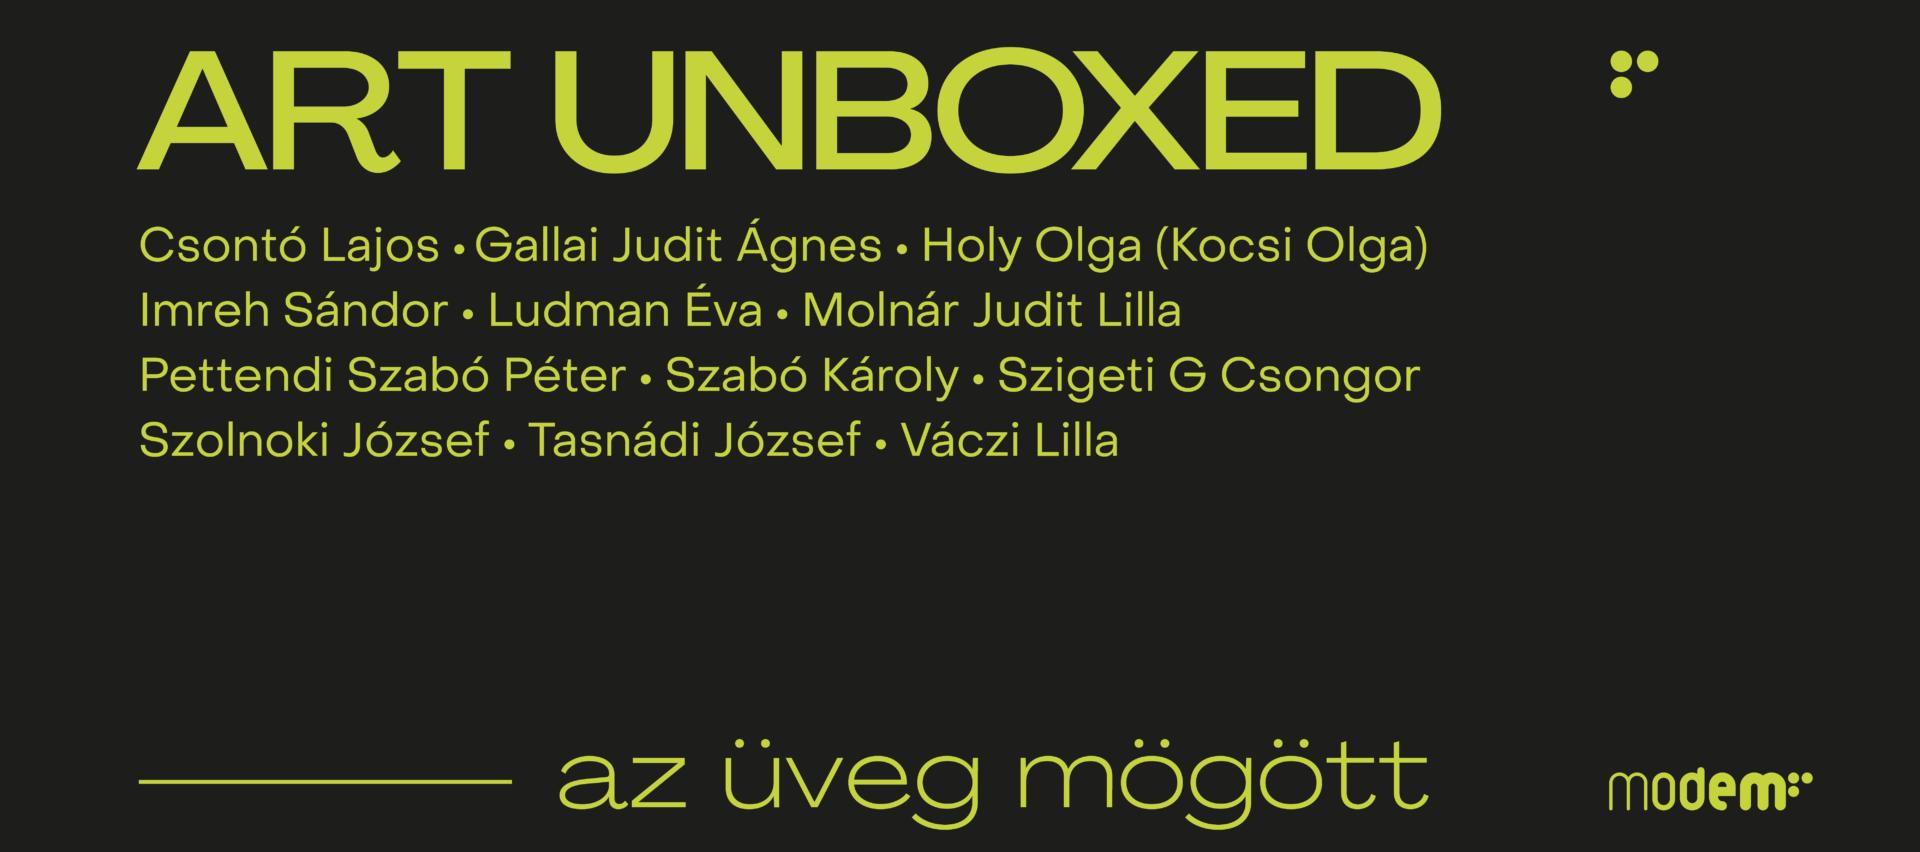 Art Unboxed – az üveg mögött